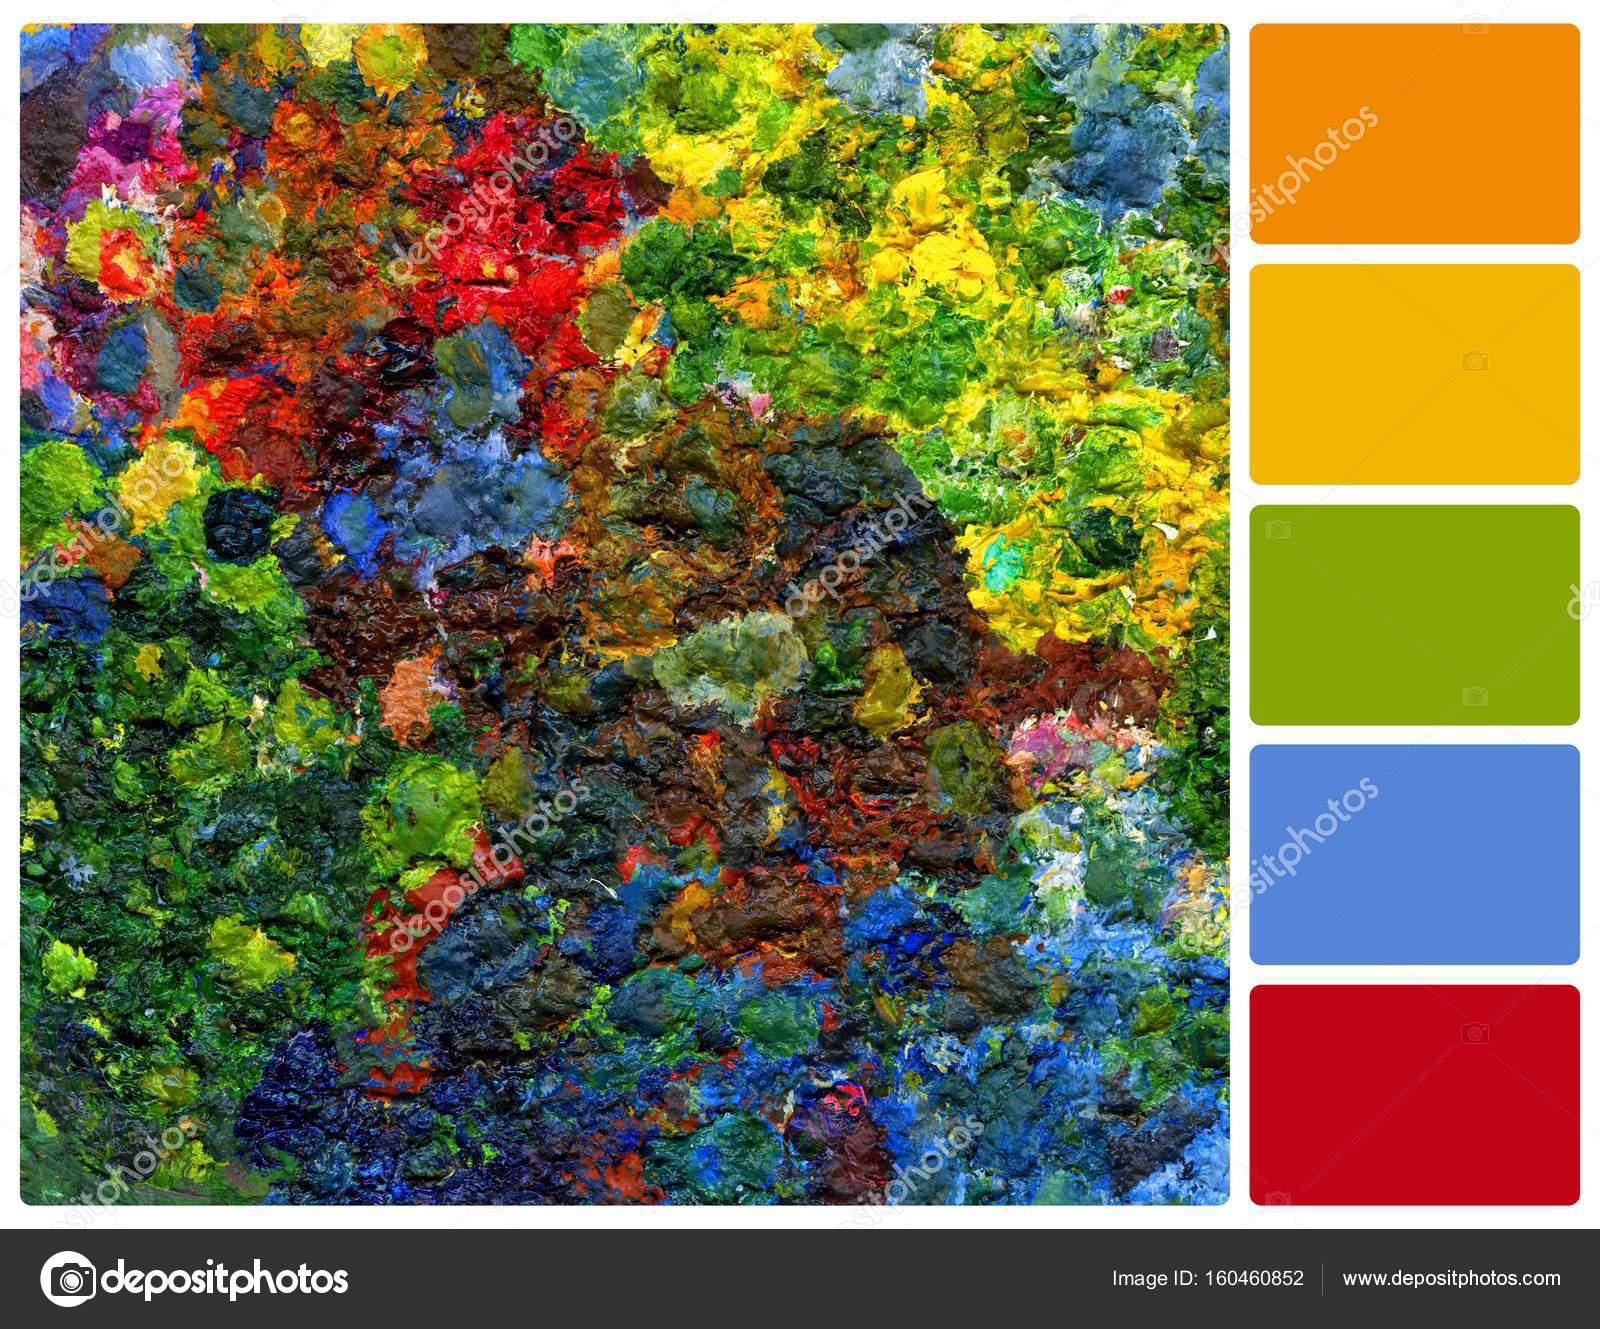 image de fond de palette lumineuse peinture l huile avec. Black Bedroom Furniture Sets. Home Design Ideas